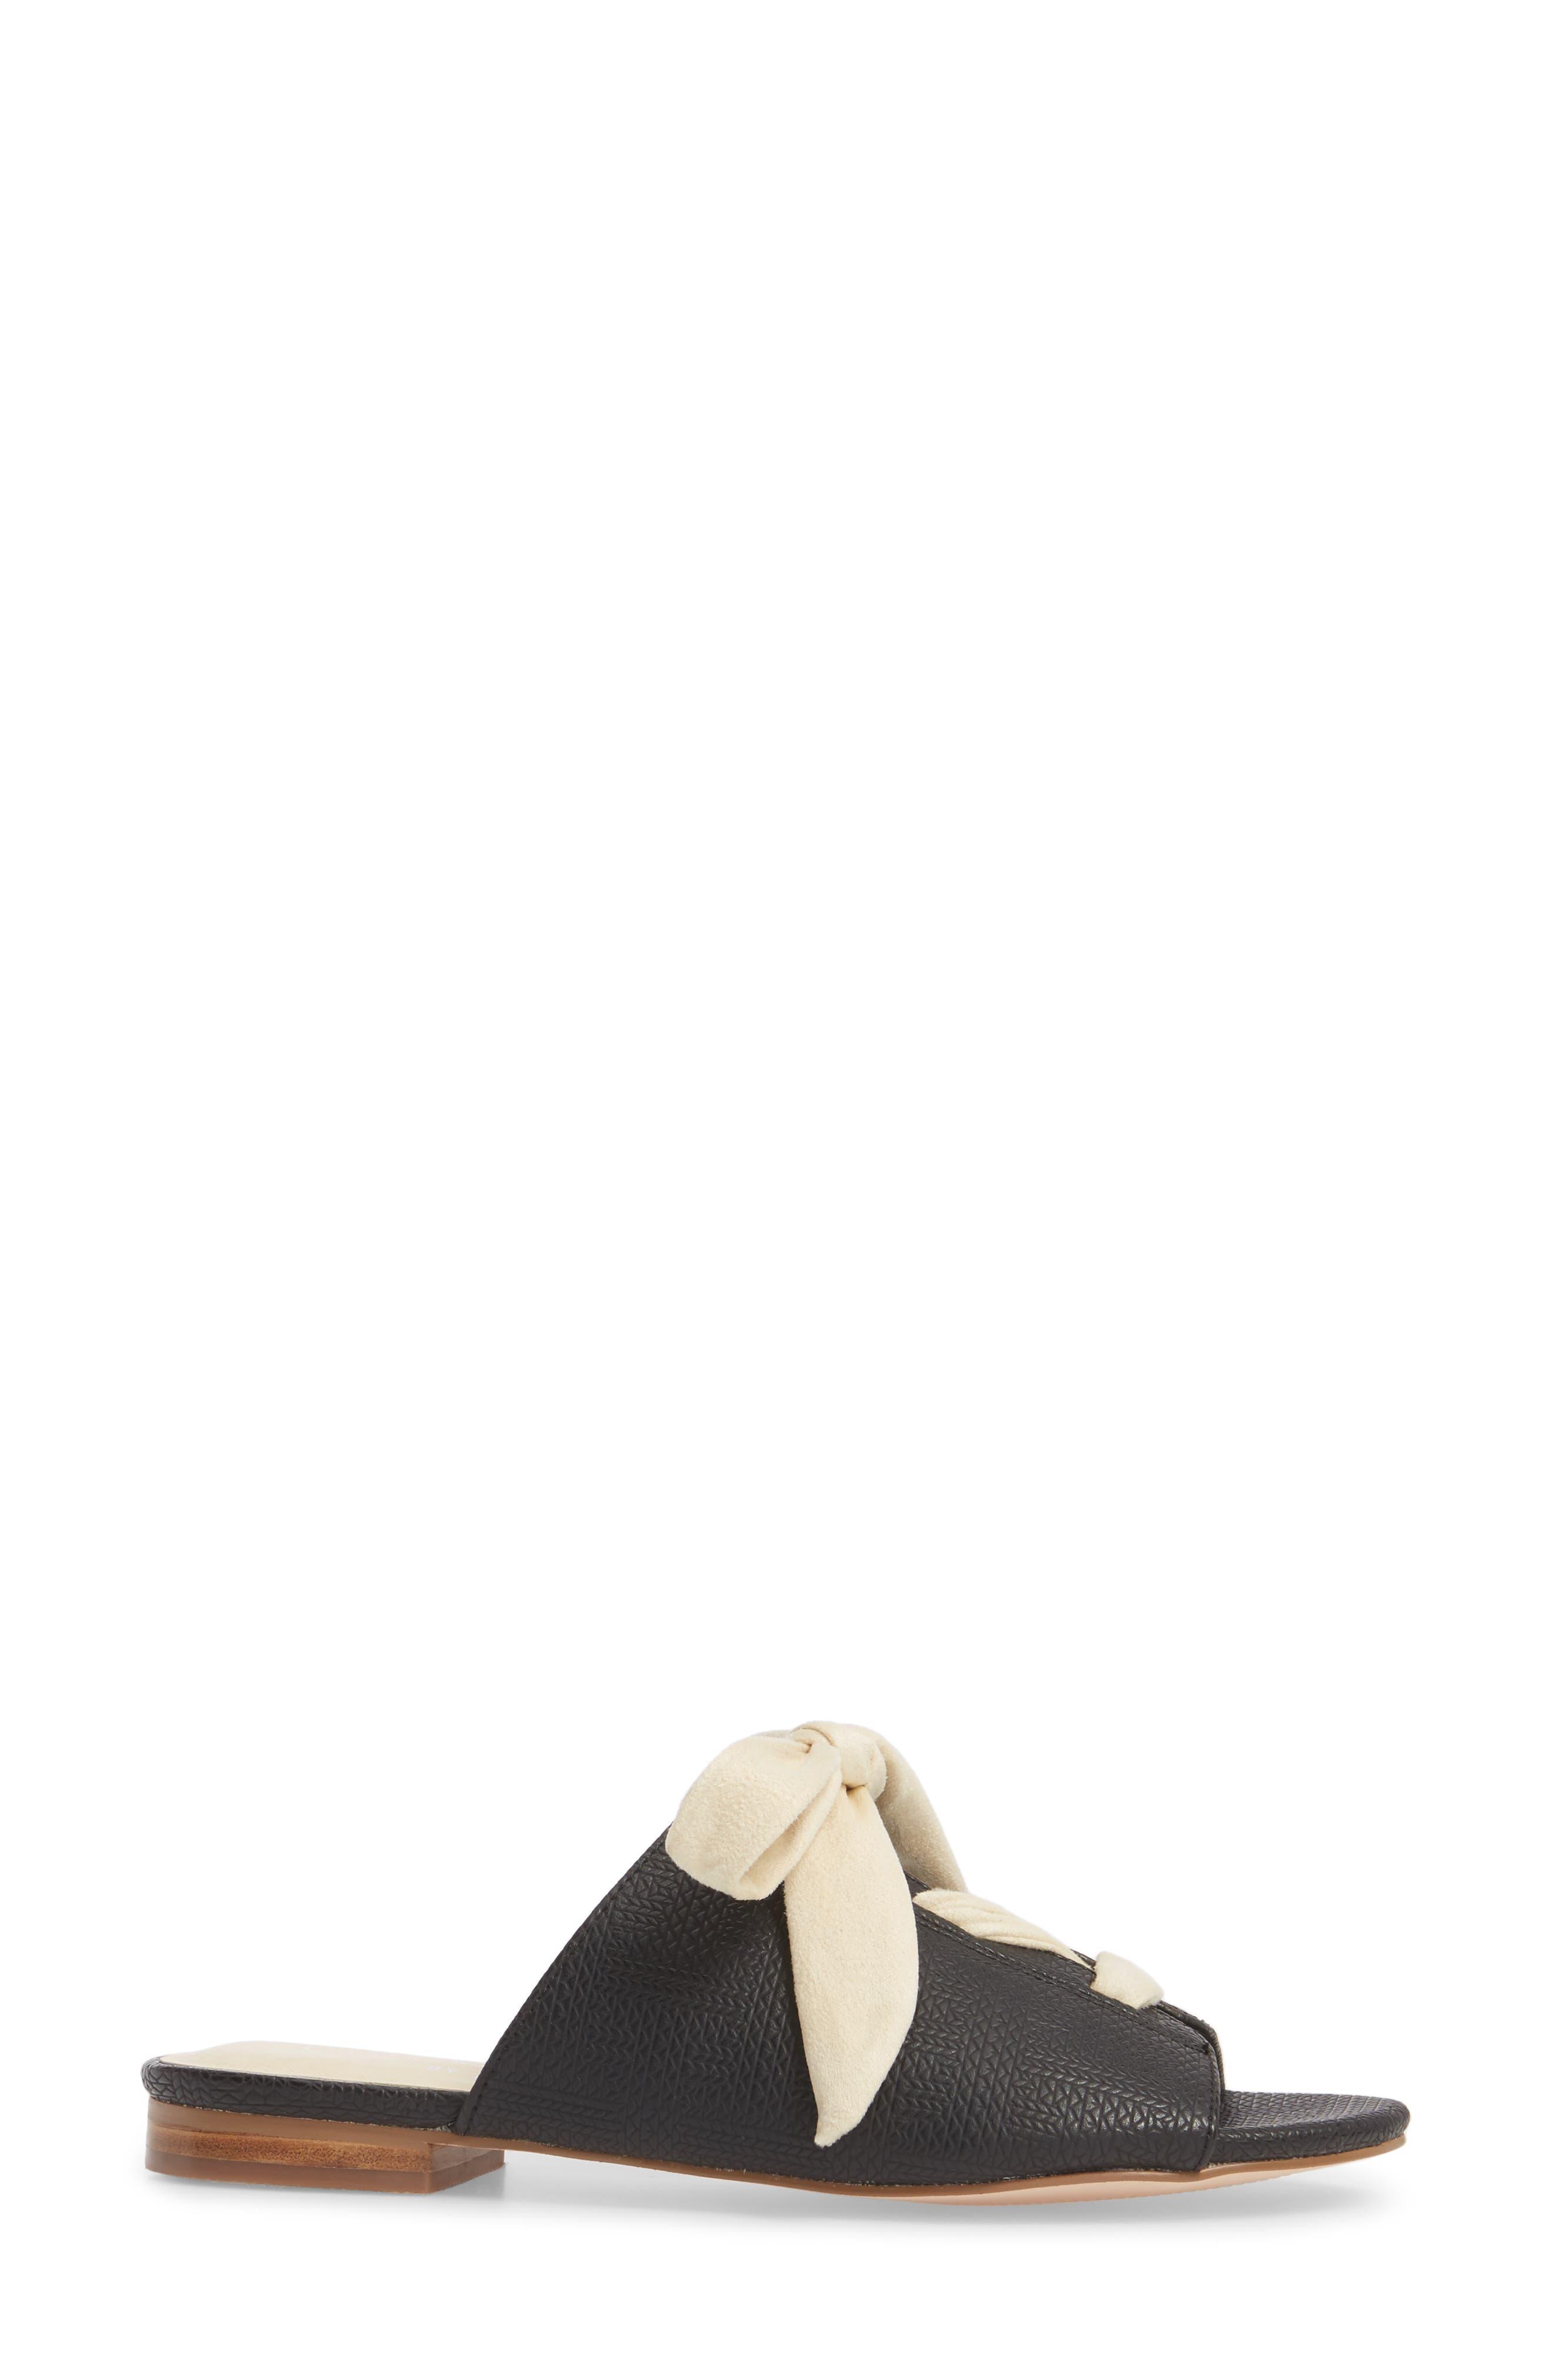 Santorini Sandal,                             Alternate thumbnail 3, color,                             Black